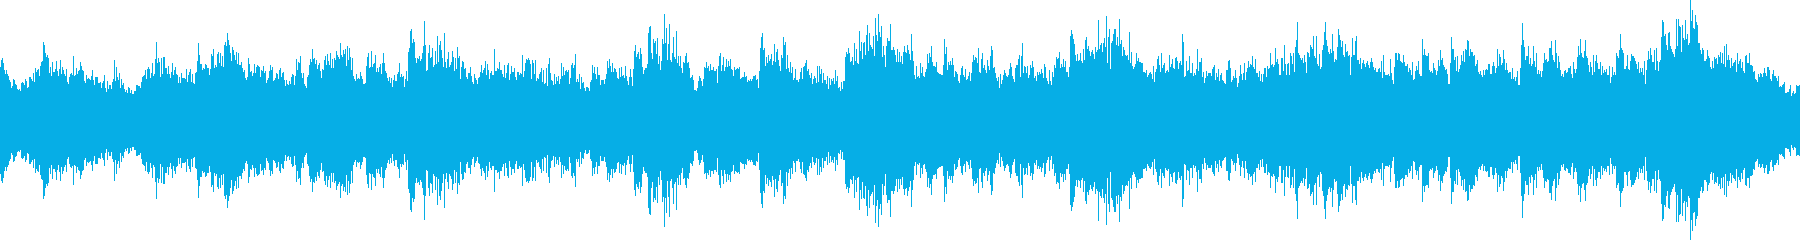 ピアノとシンセの癒し系BGM_ループの再生済みの波形